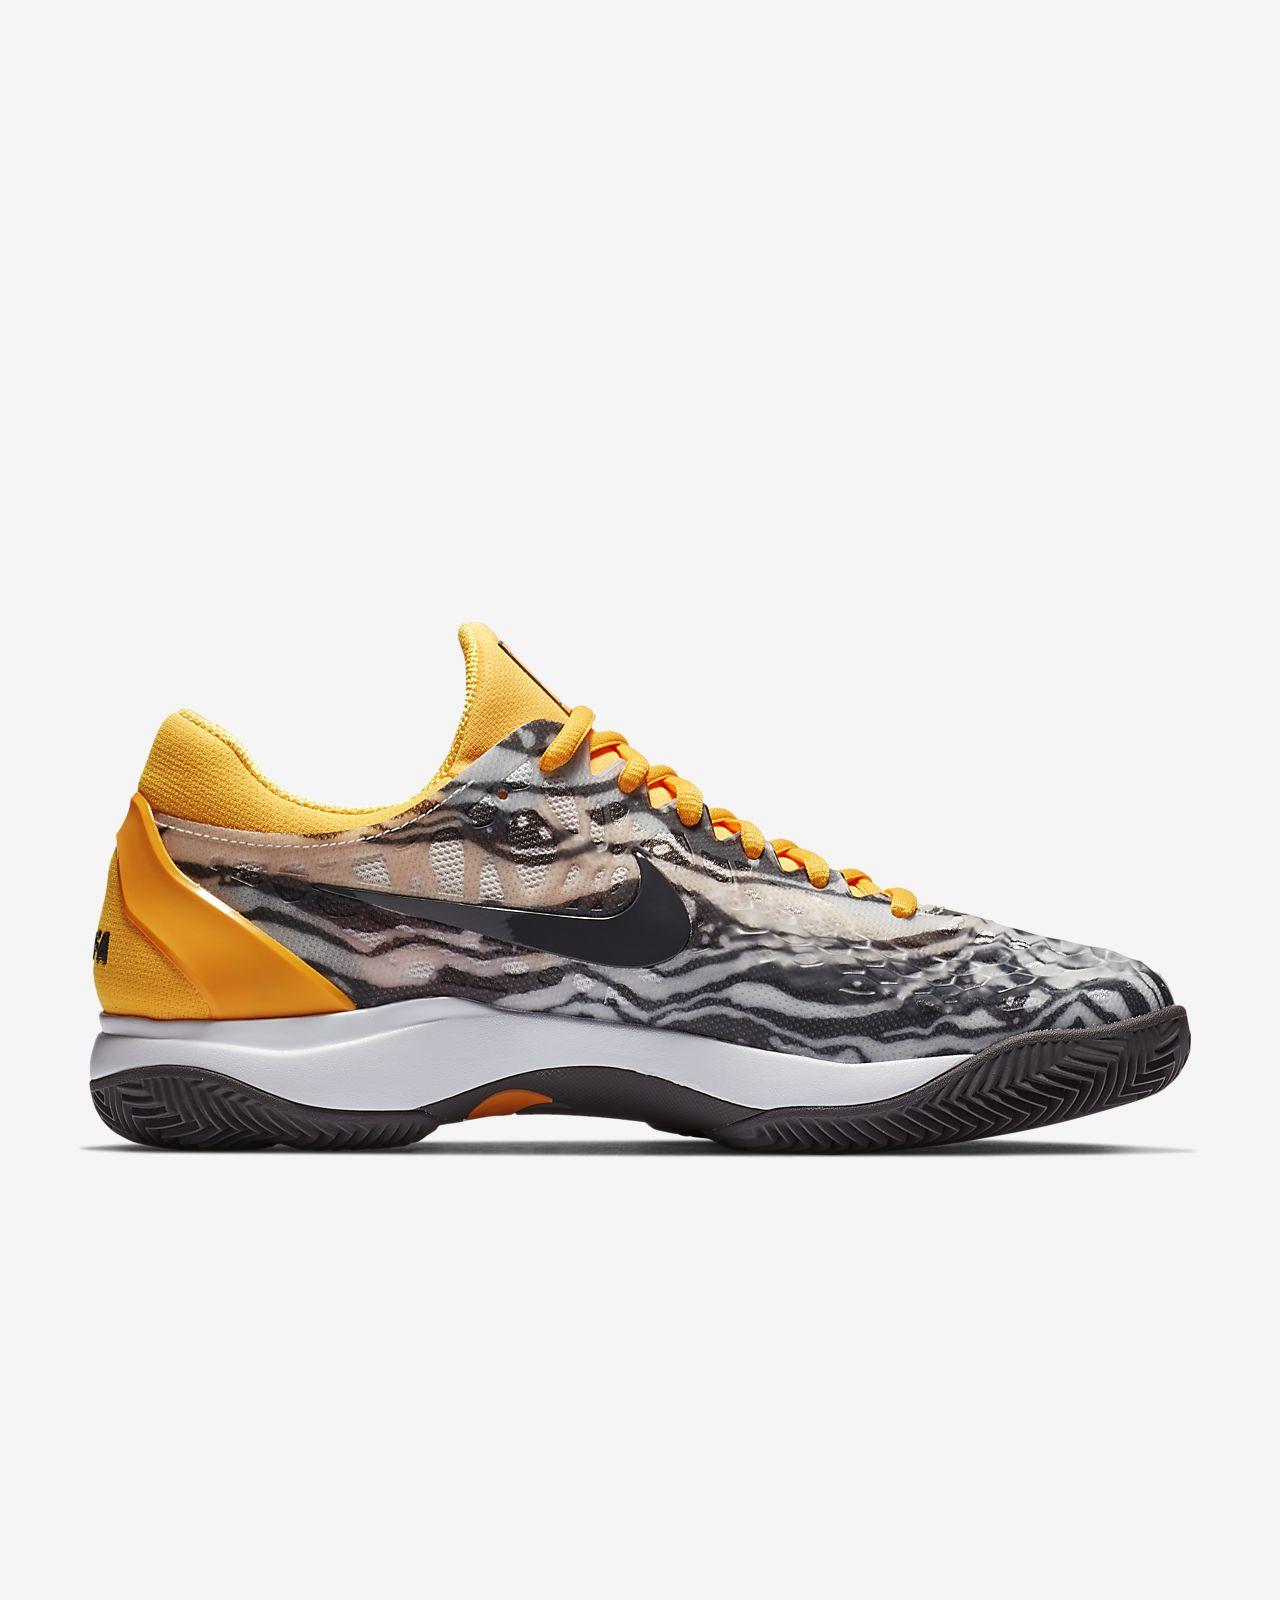 0ea45b6fda97e Tenisa Nike Cage ClayPl Męskie Zoom Buty 3 Do 8XwPnOZ0Nk